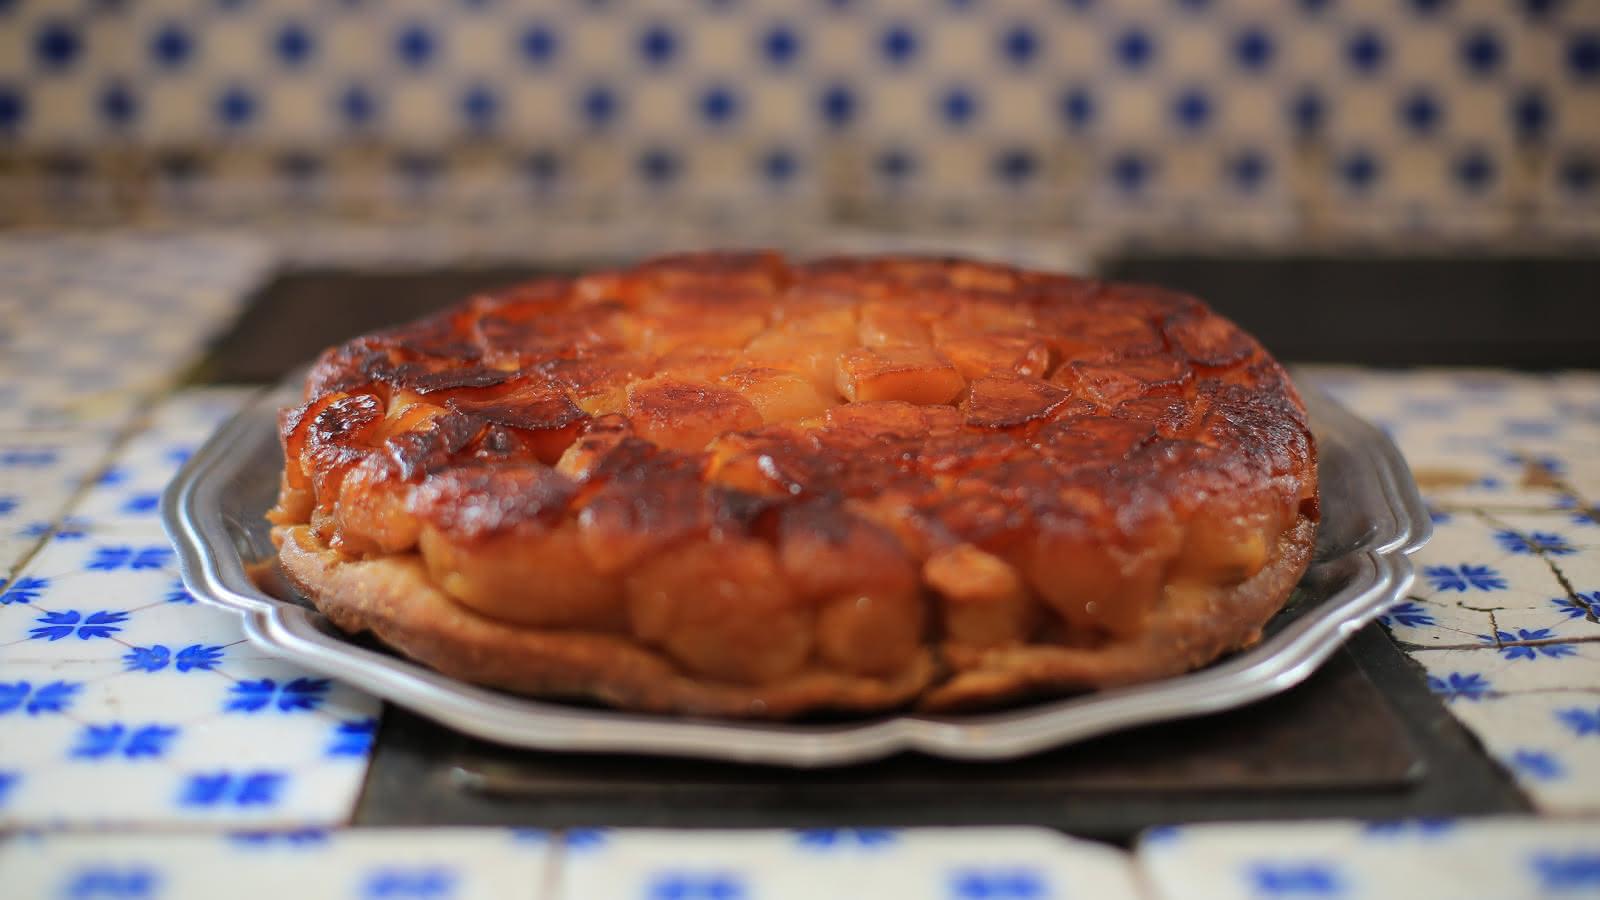 La Tarte Tatin - Spécialité culinaire de Sologne - Vacances gourmandes en Loir-et-Cher Val de Loire ©Nicolas Derré - Conseil Départemental-41